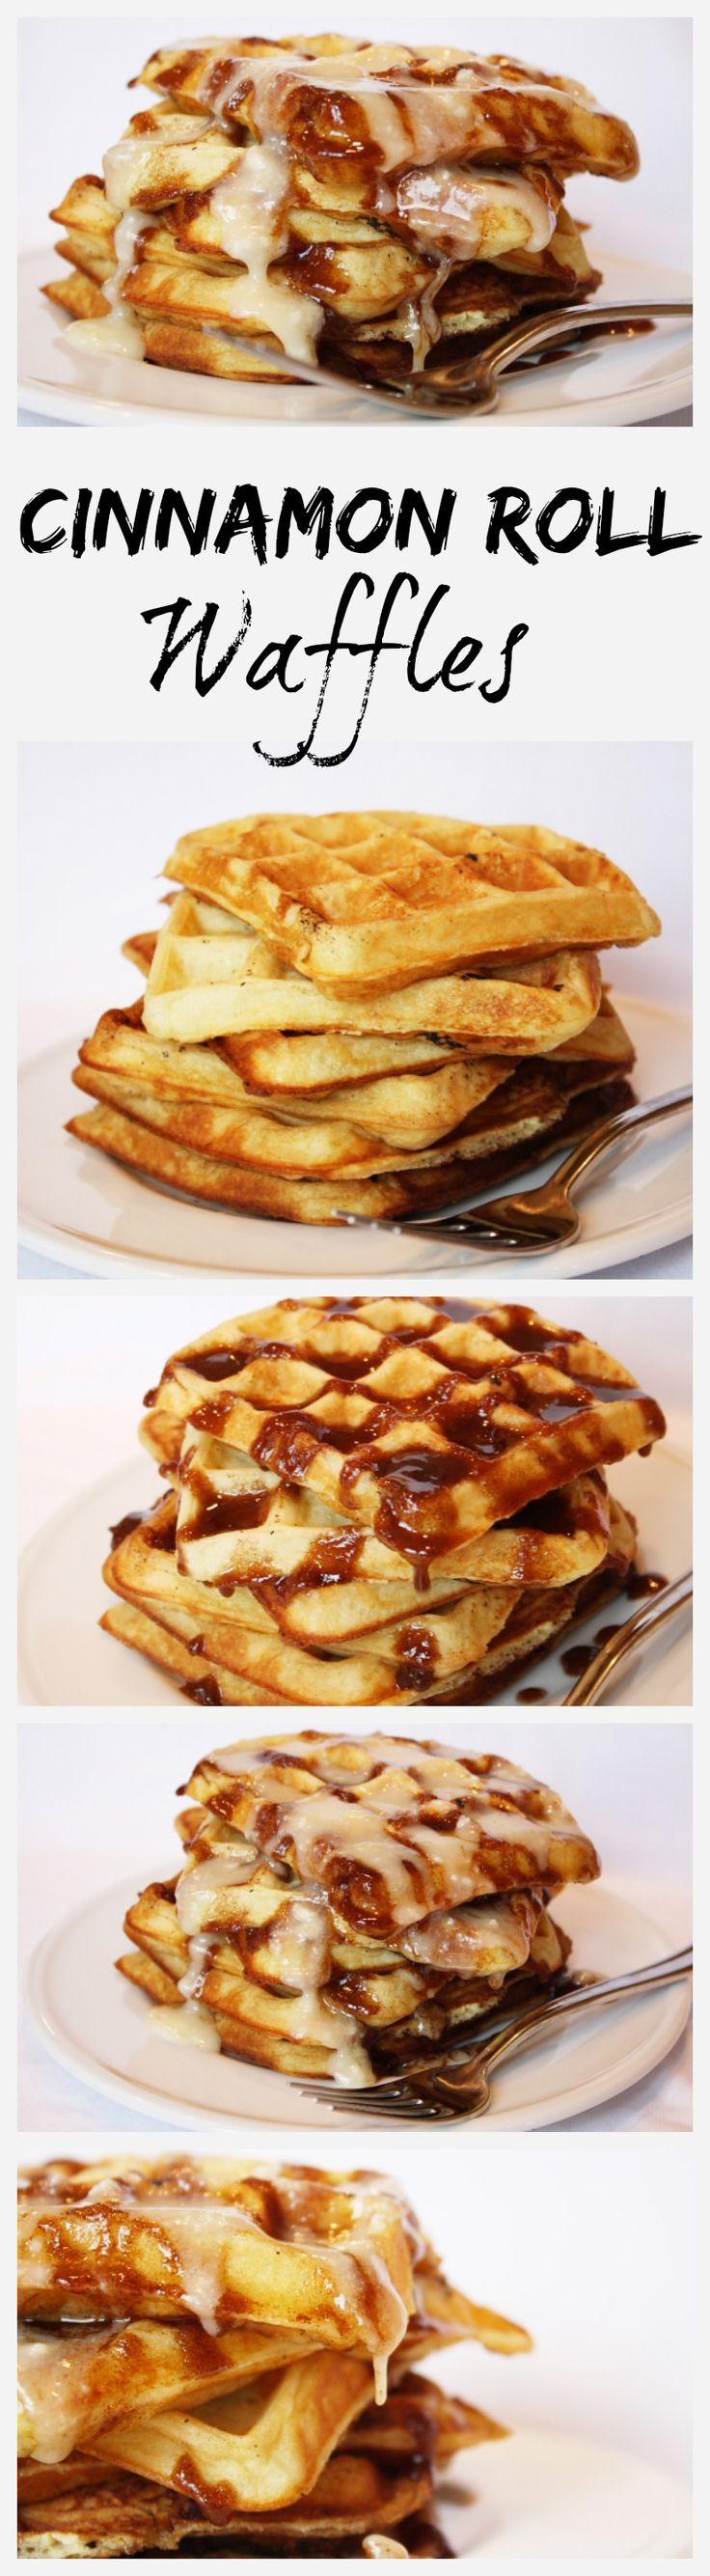 Cinnamon Roll Waffles #recipe - Best weekend breakfast ever!